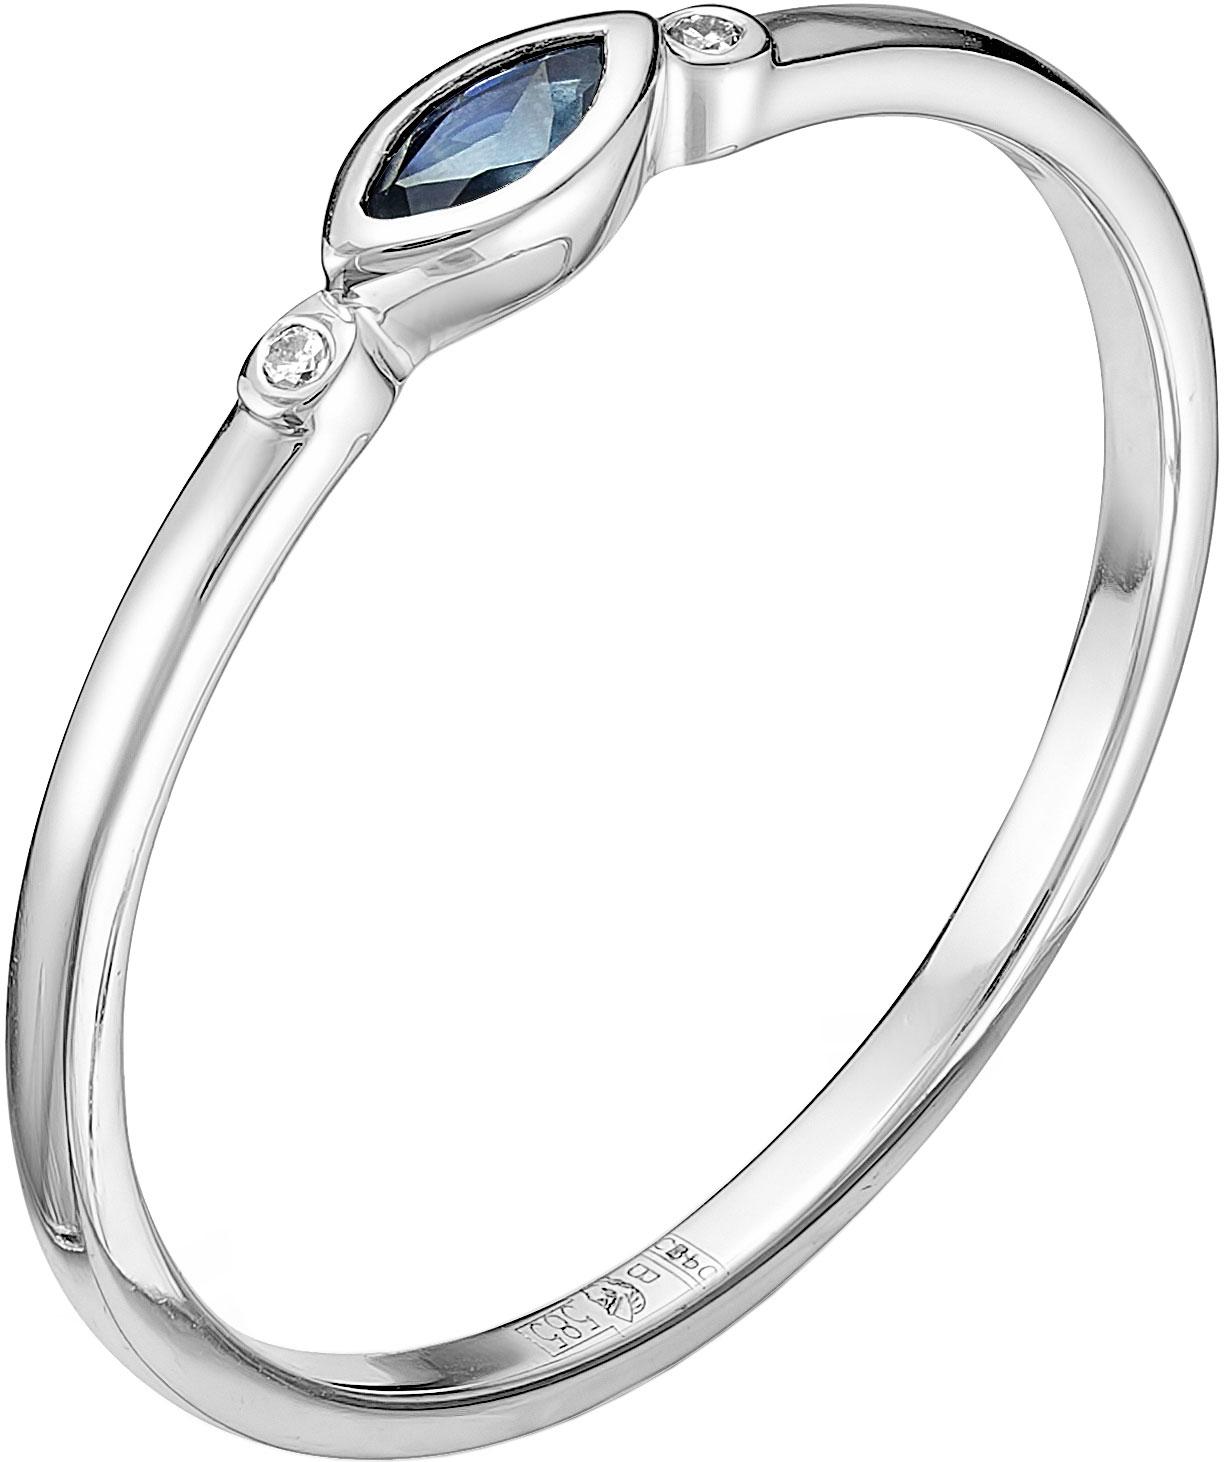 Кольца Vesna jewelry 1142-251-03-00